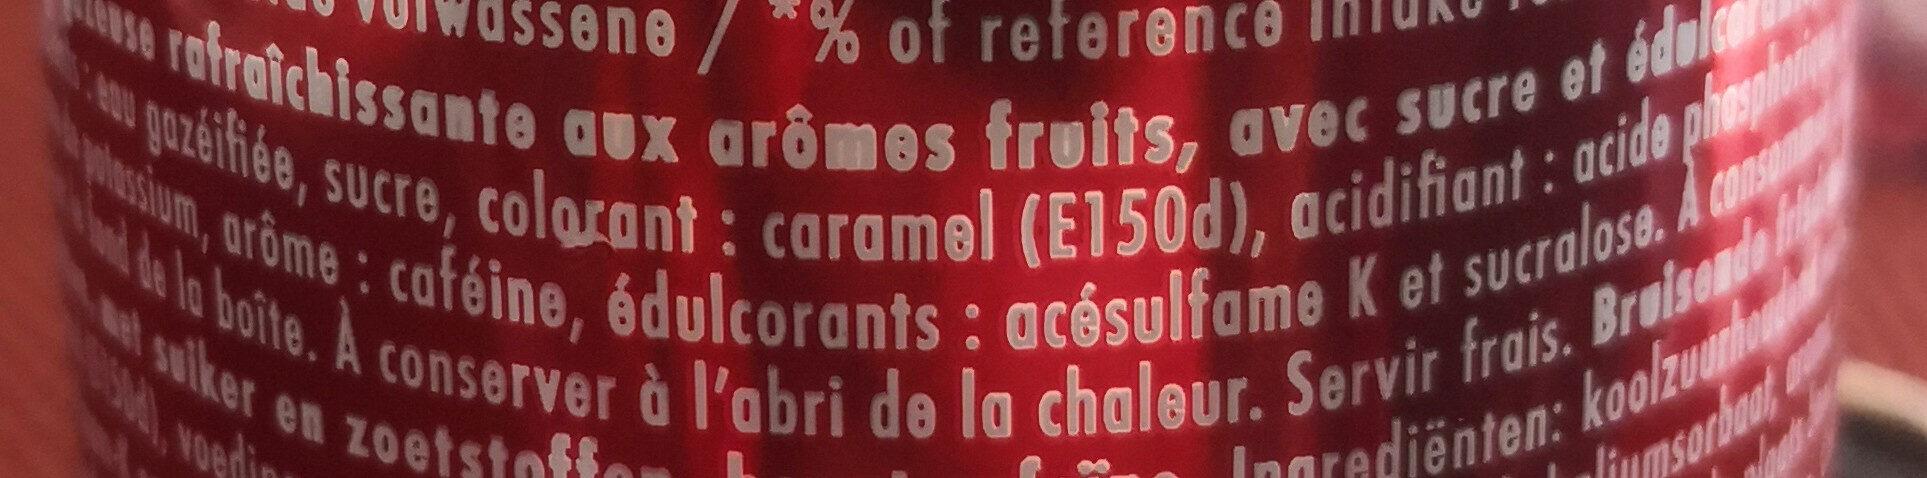 Dr Pepper - Ingredients - fr